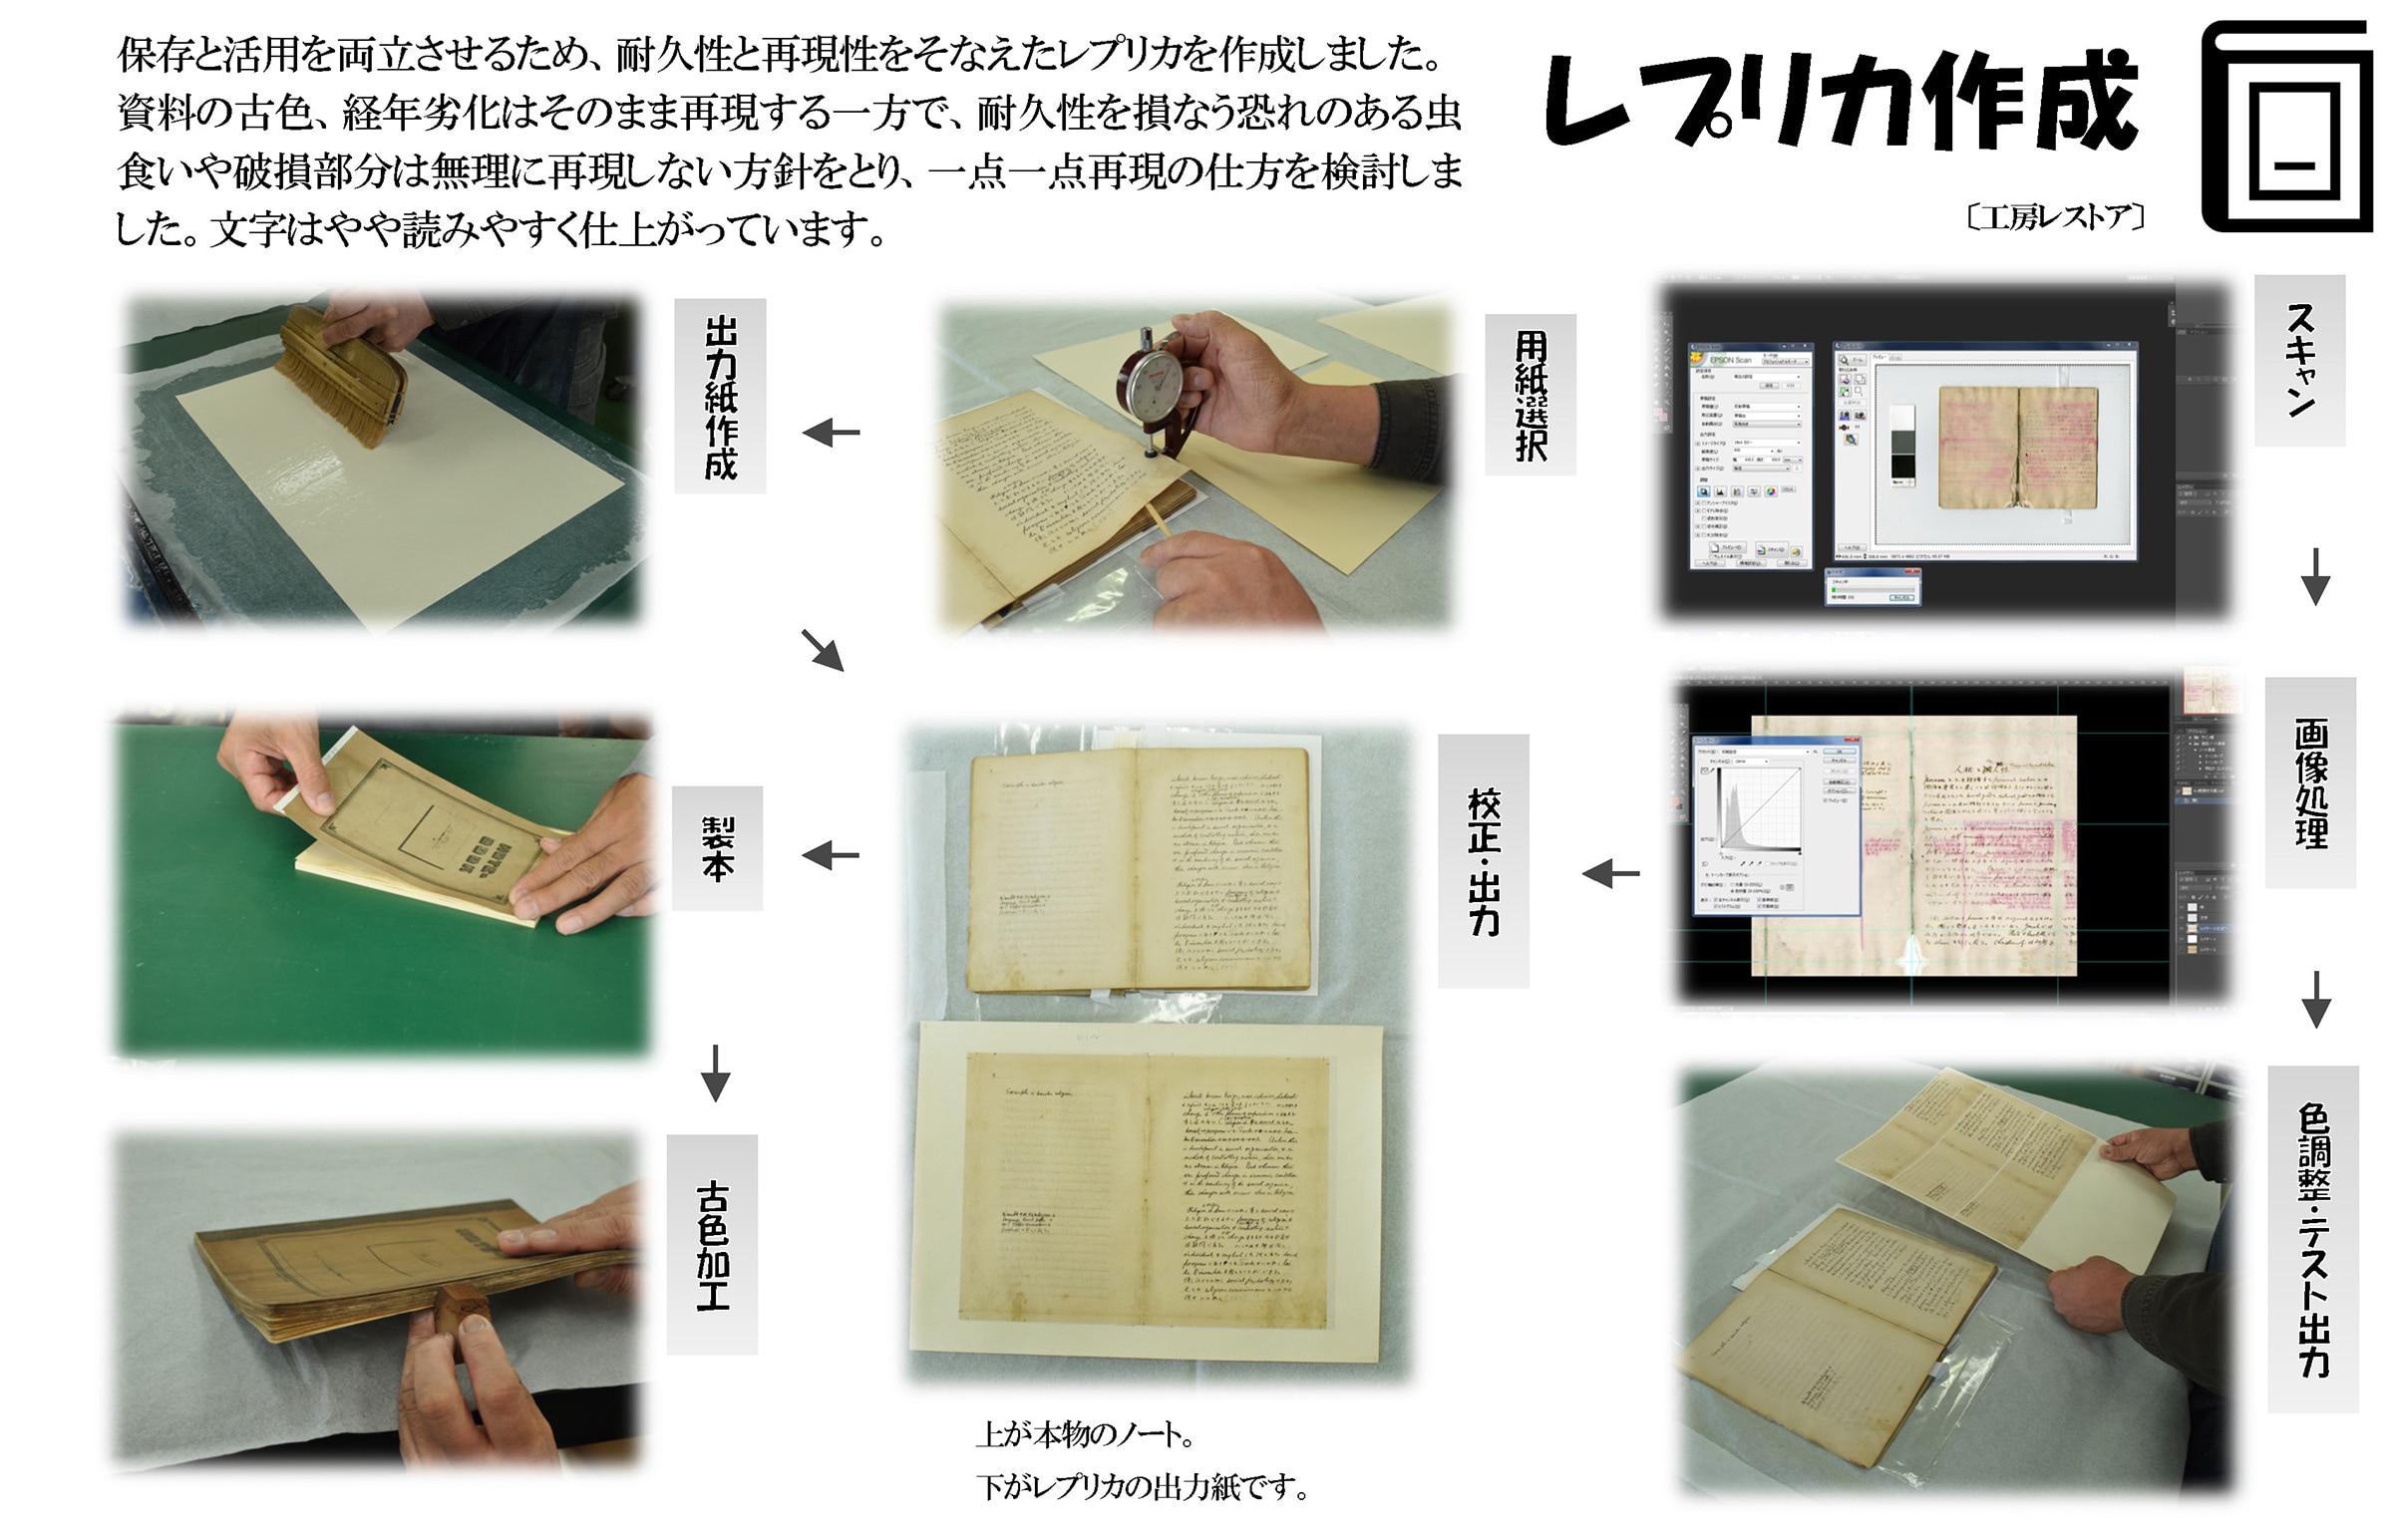 修復プロジェクト(4)レプリカ作成